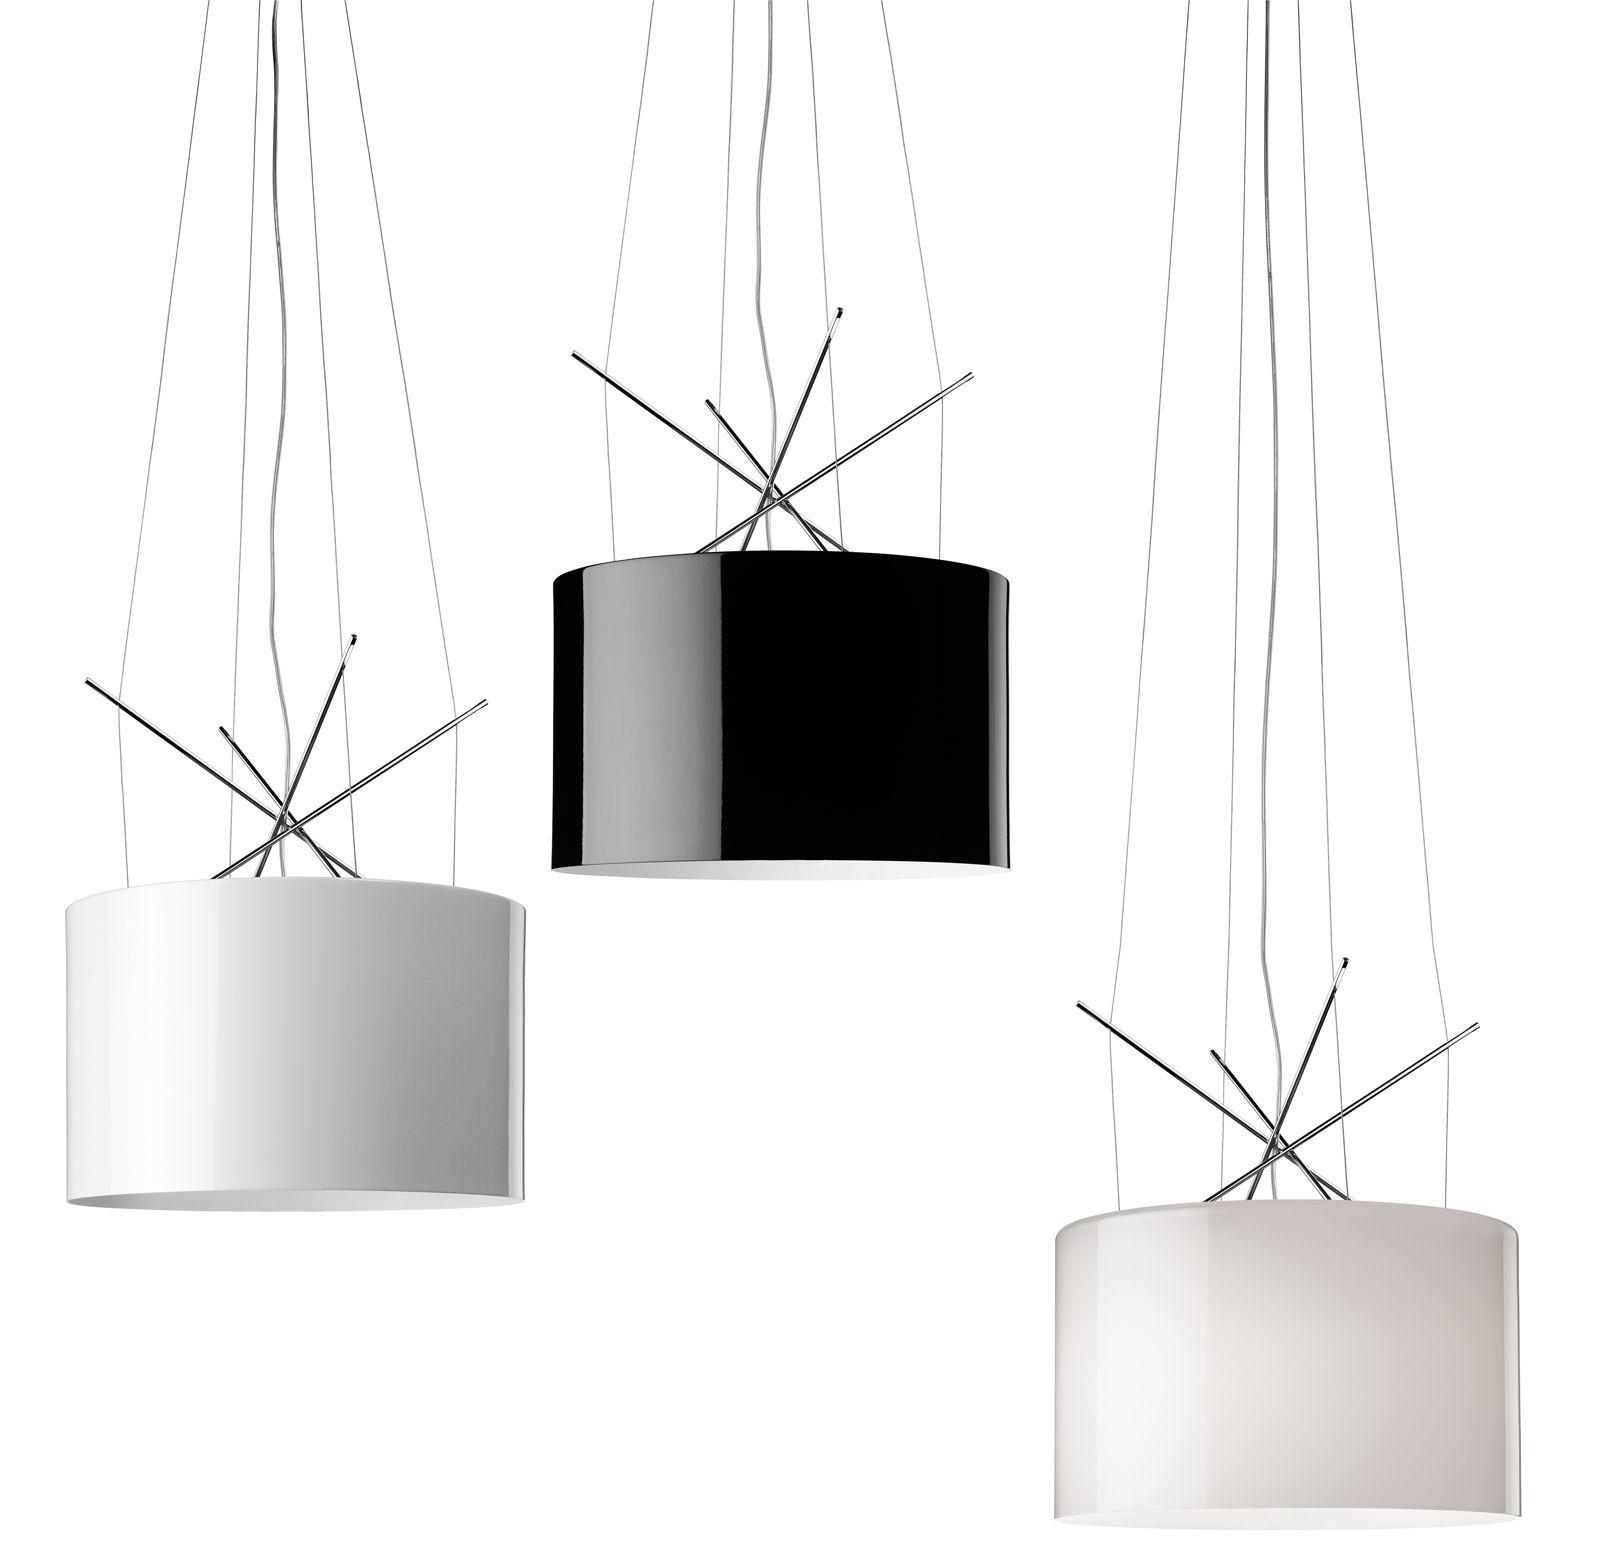 Scopri Sospensione Ray S, Metallo nero di Flos, Made In Design Italia